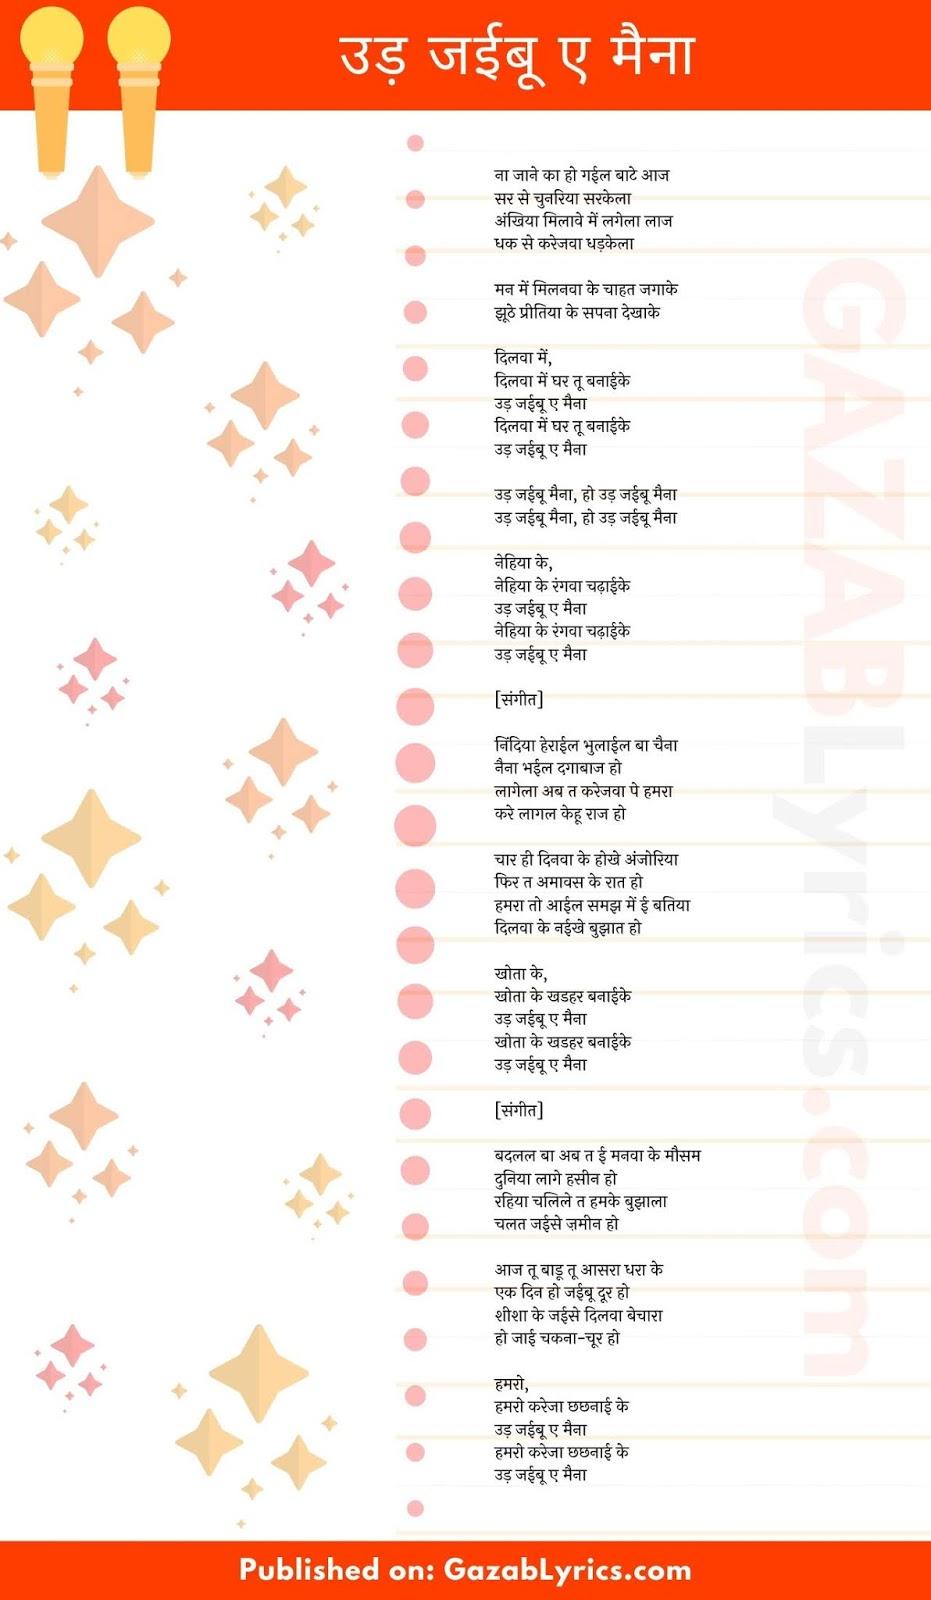 Ud Jaibu Ye Maina song lyrics image